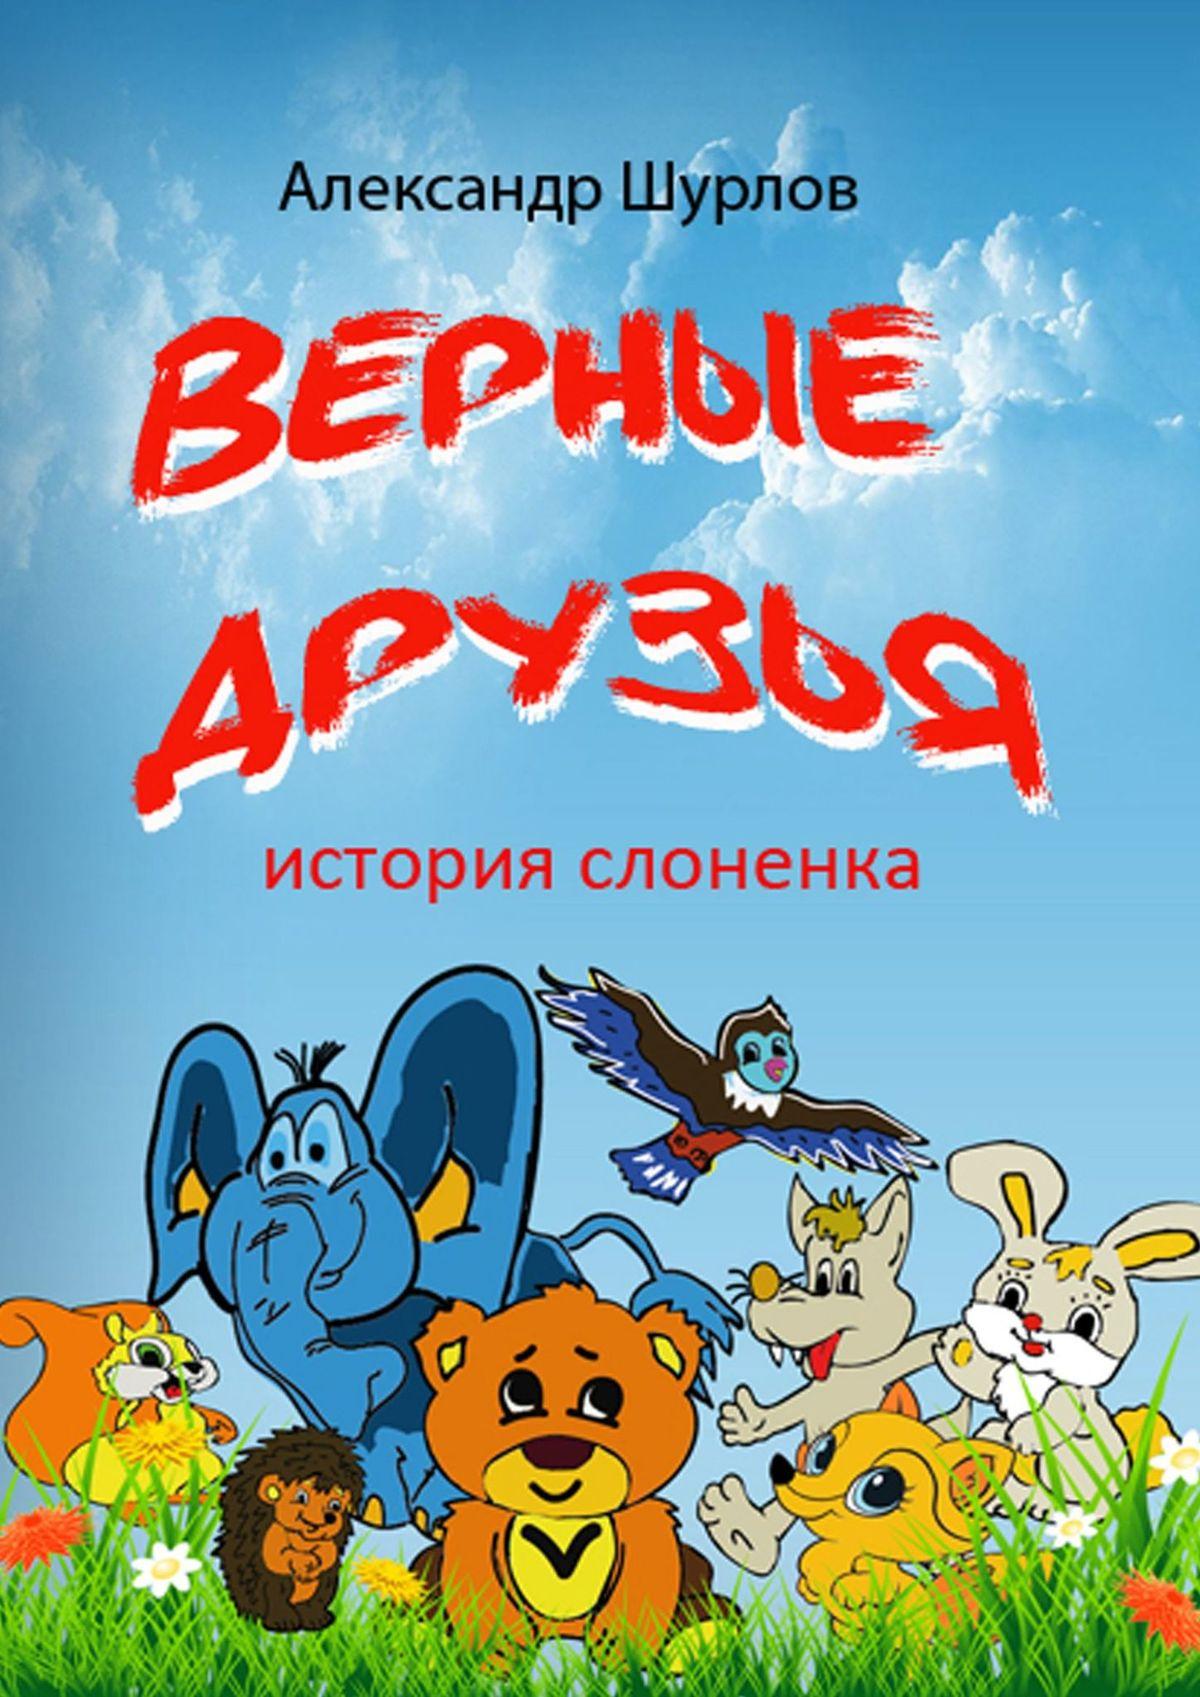 Александр Шурлов Верные друзья. История слоненка